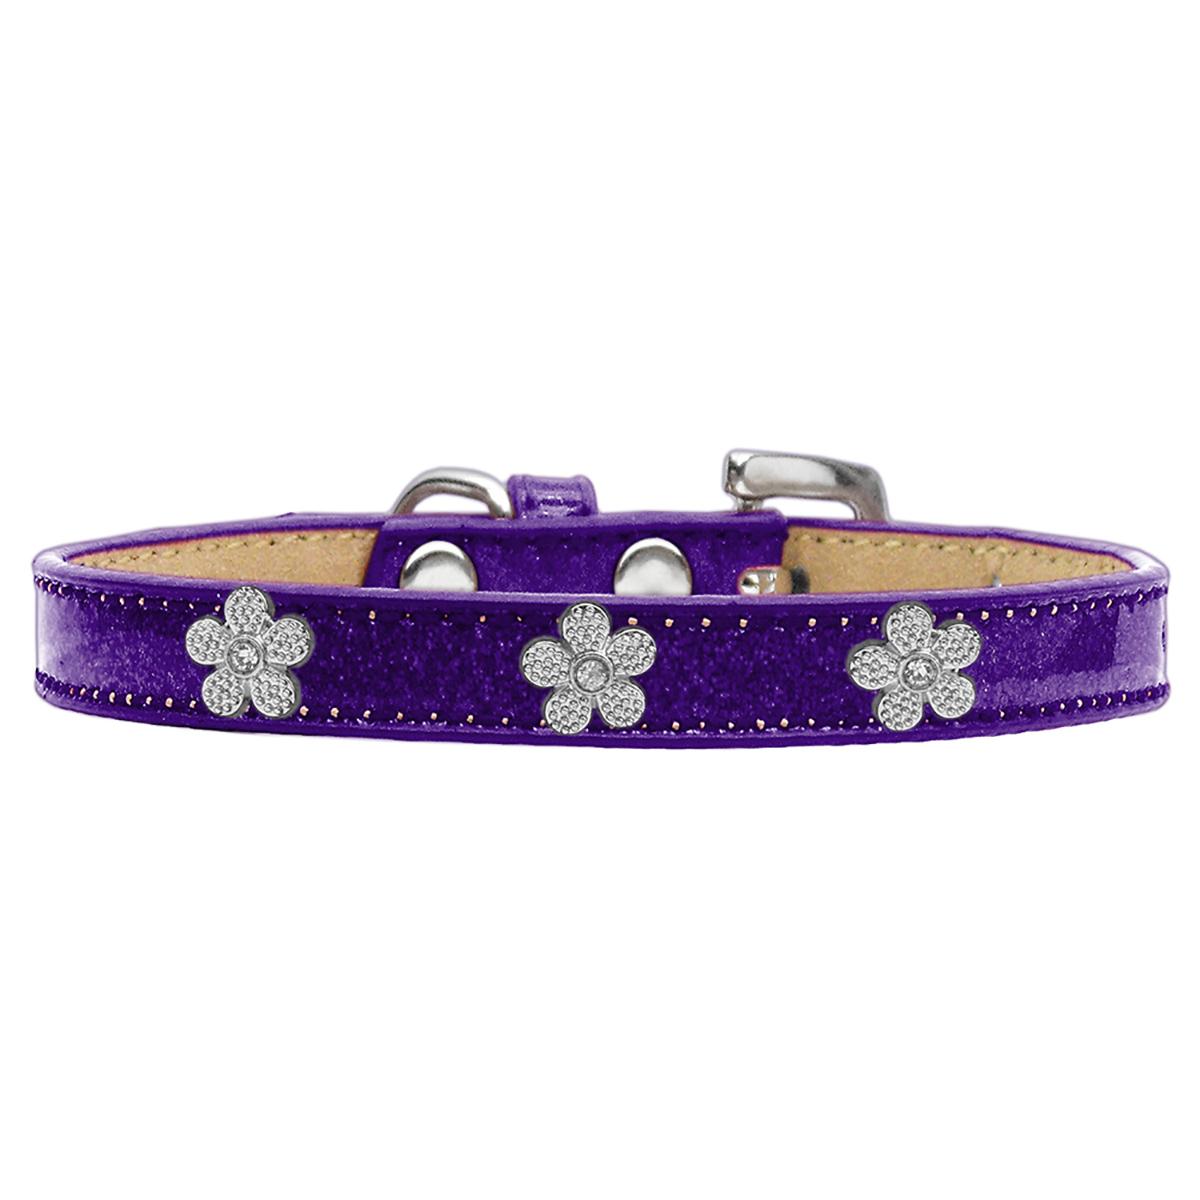 Silver Flower Widget Dog Collar - Purple Ice Cream